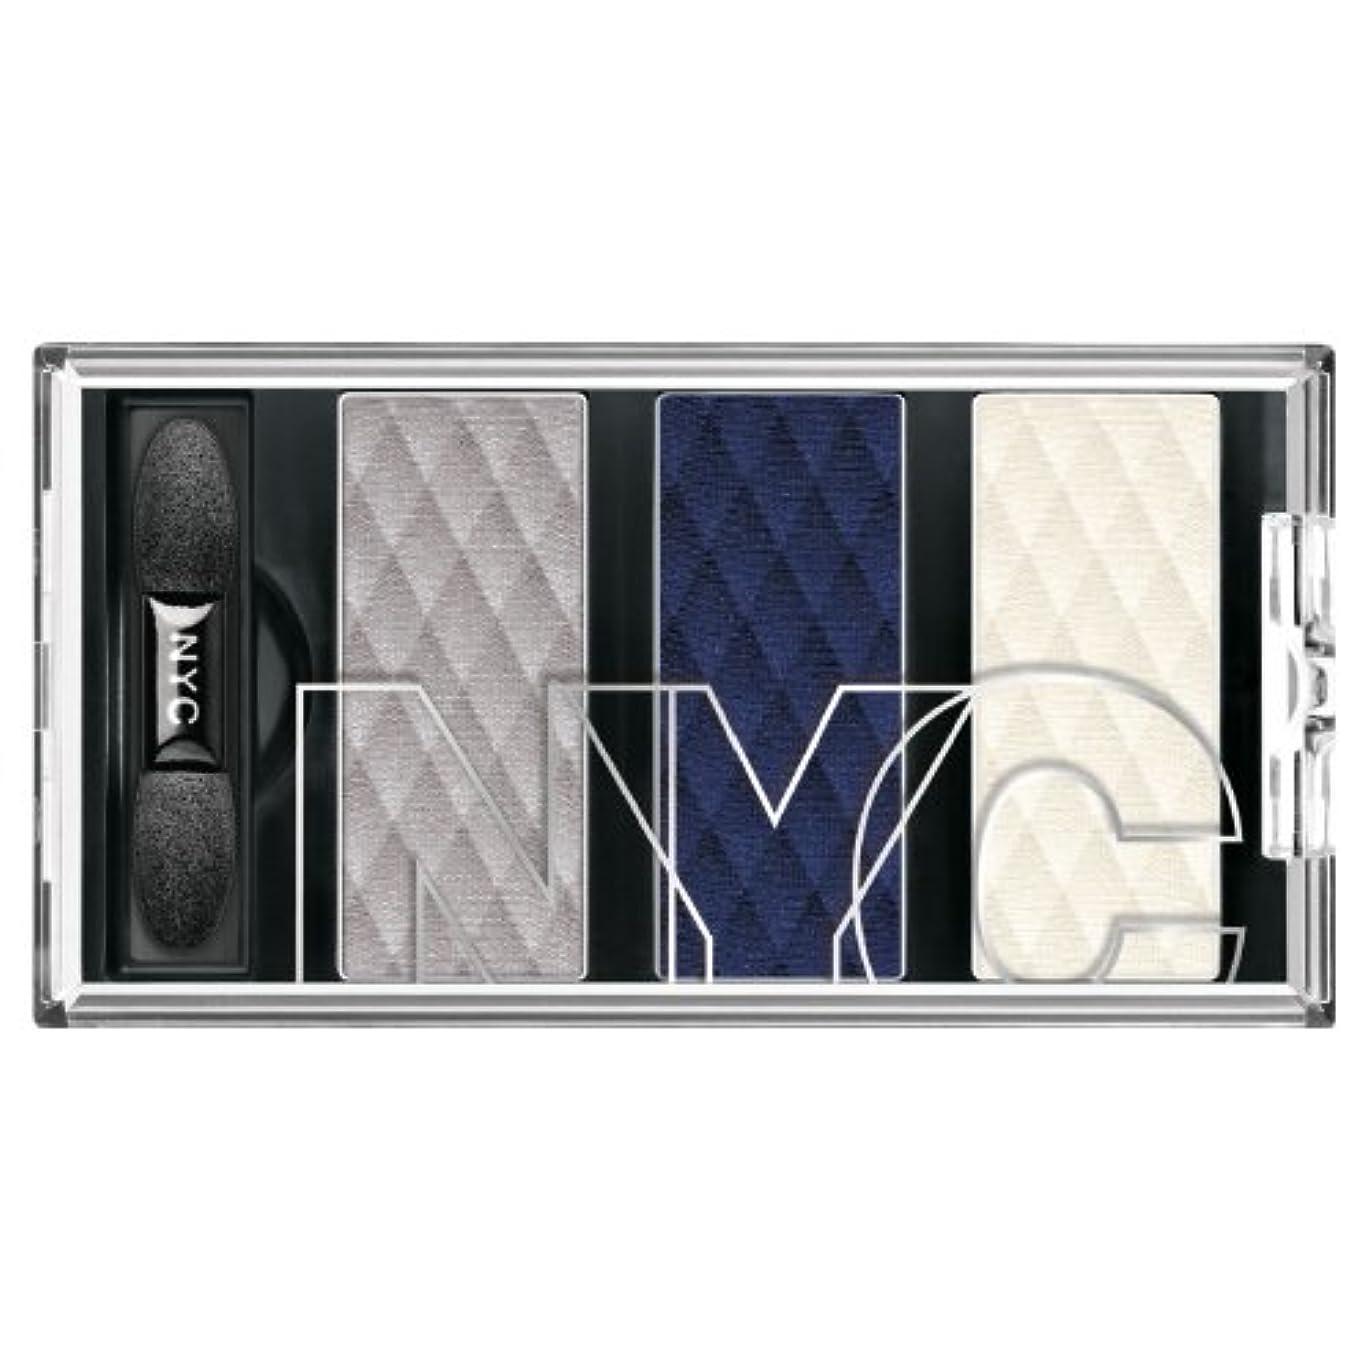 取り除く公演義務付けられたNYC HD Metro Trio Eyeshadow - Concrete Jungle (並行輸入品)